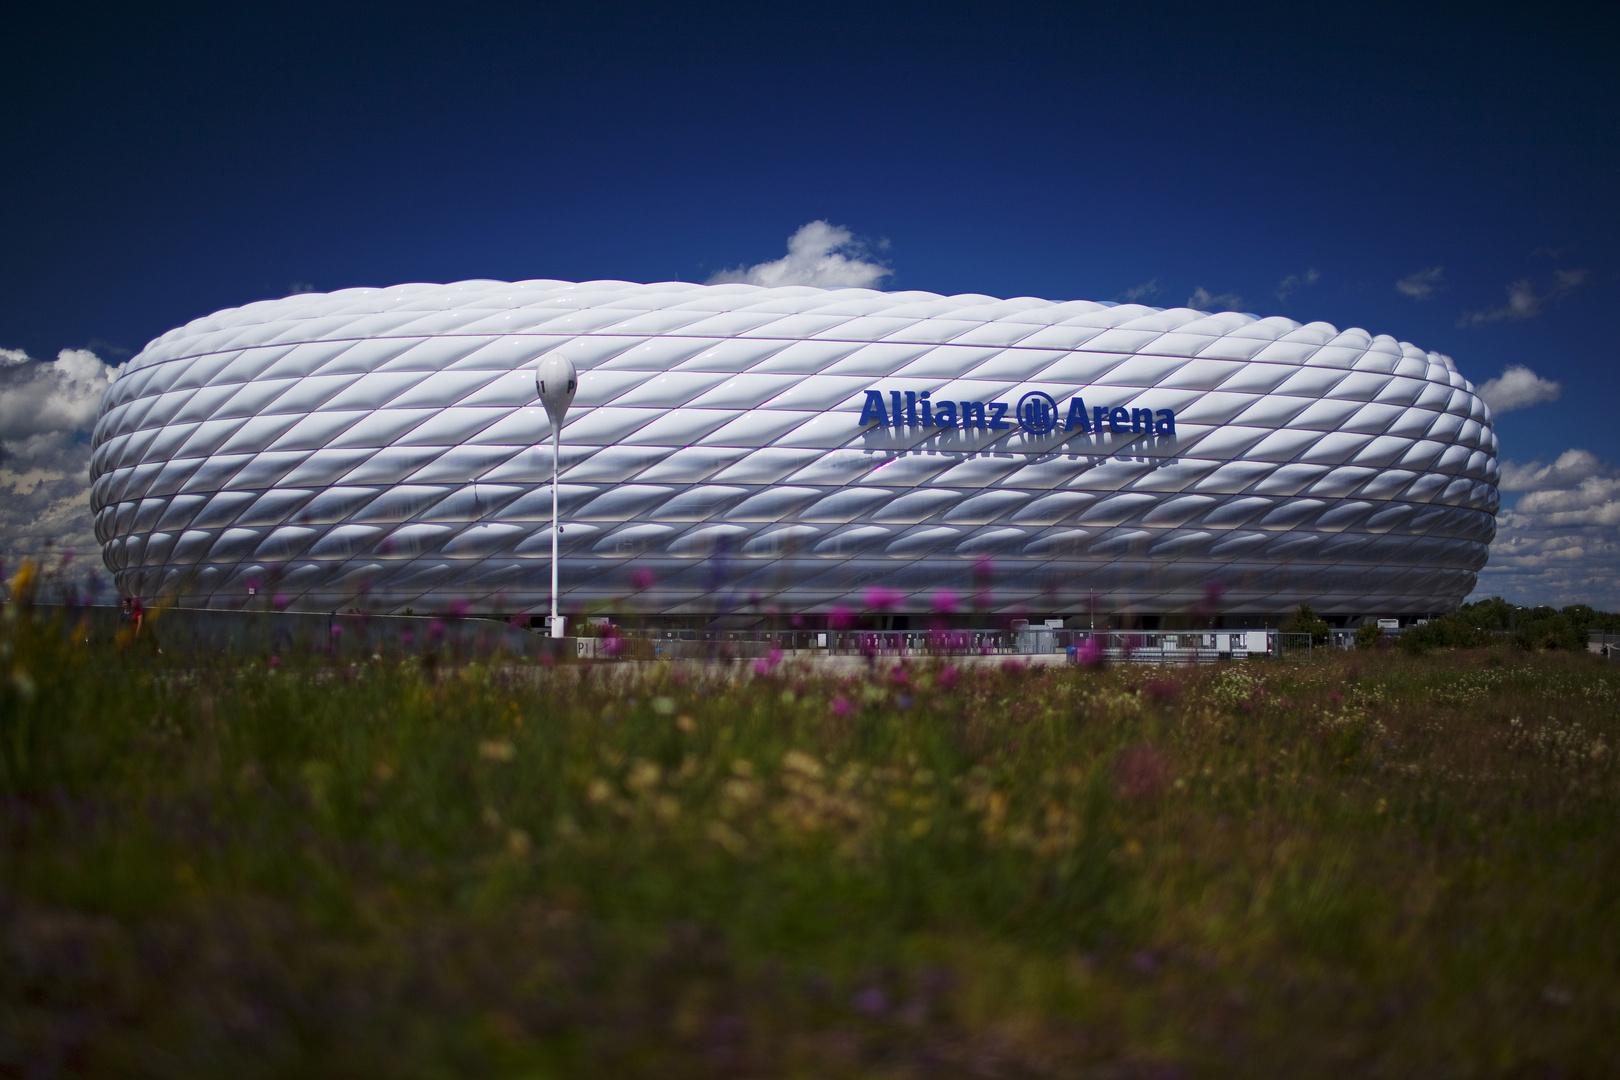 Das Münchner Gummiboot :-)